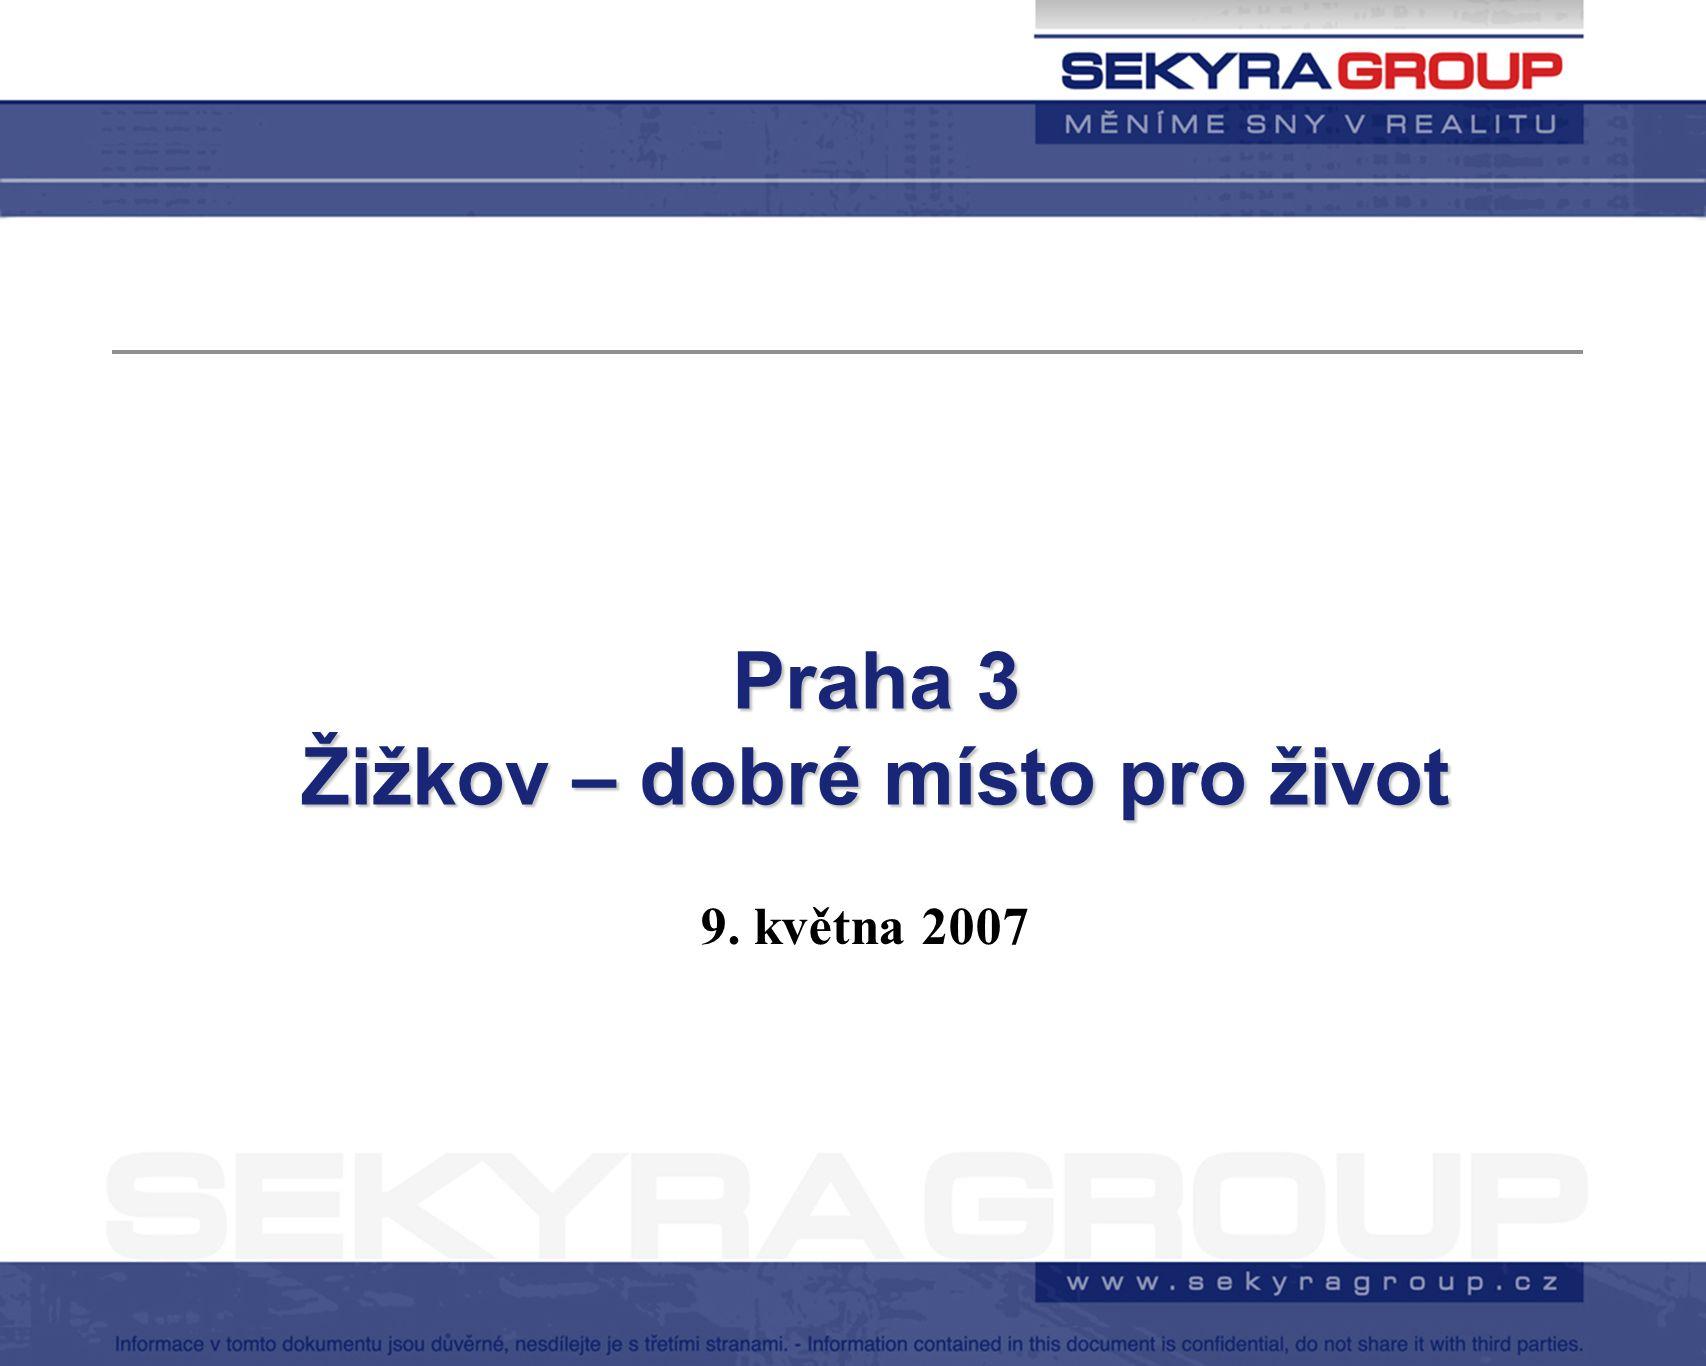 9. května 2007 Praha 3 Žižkov – dobré místo pro život